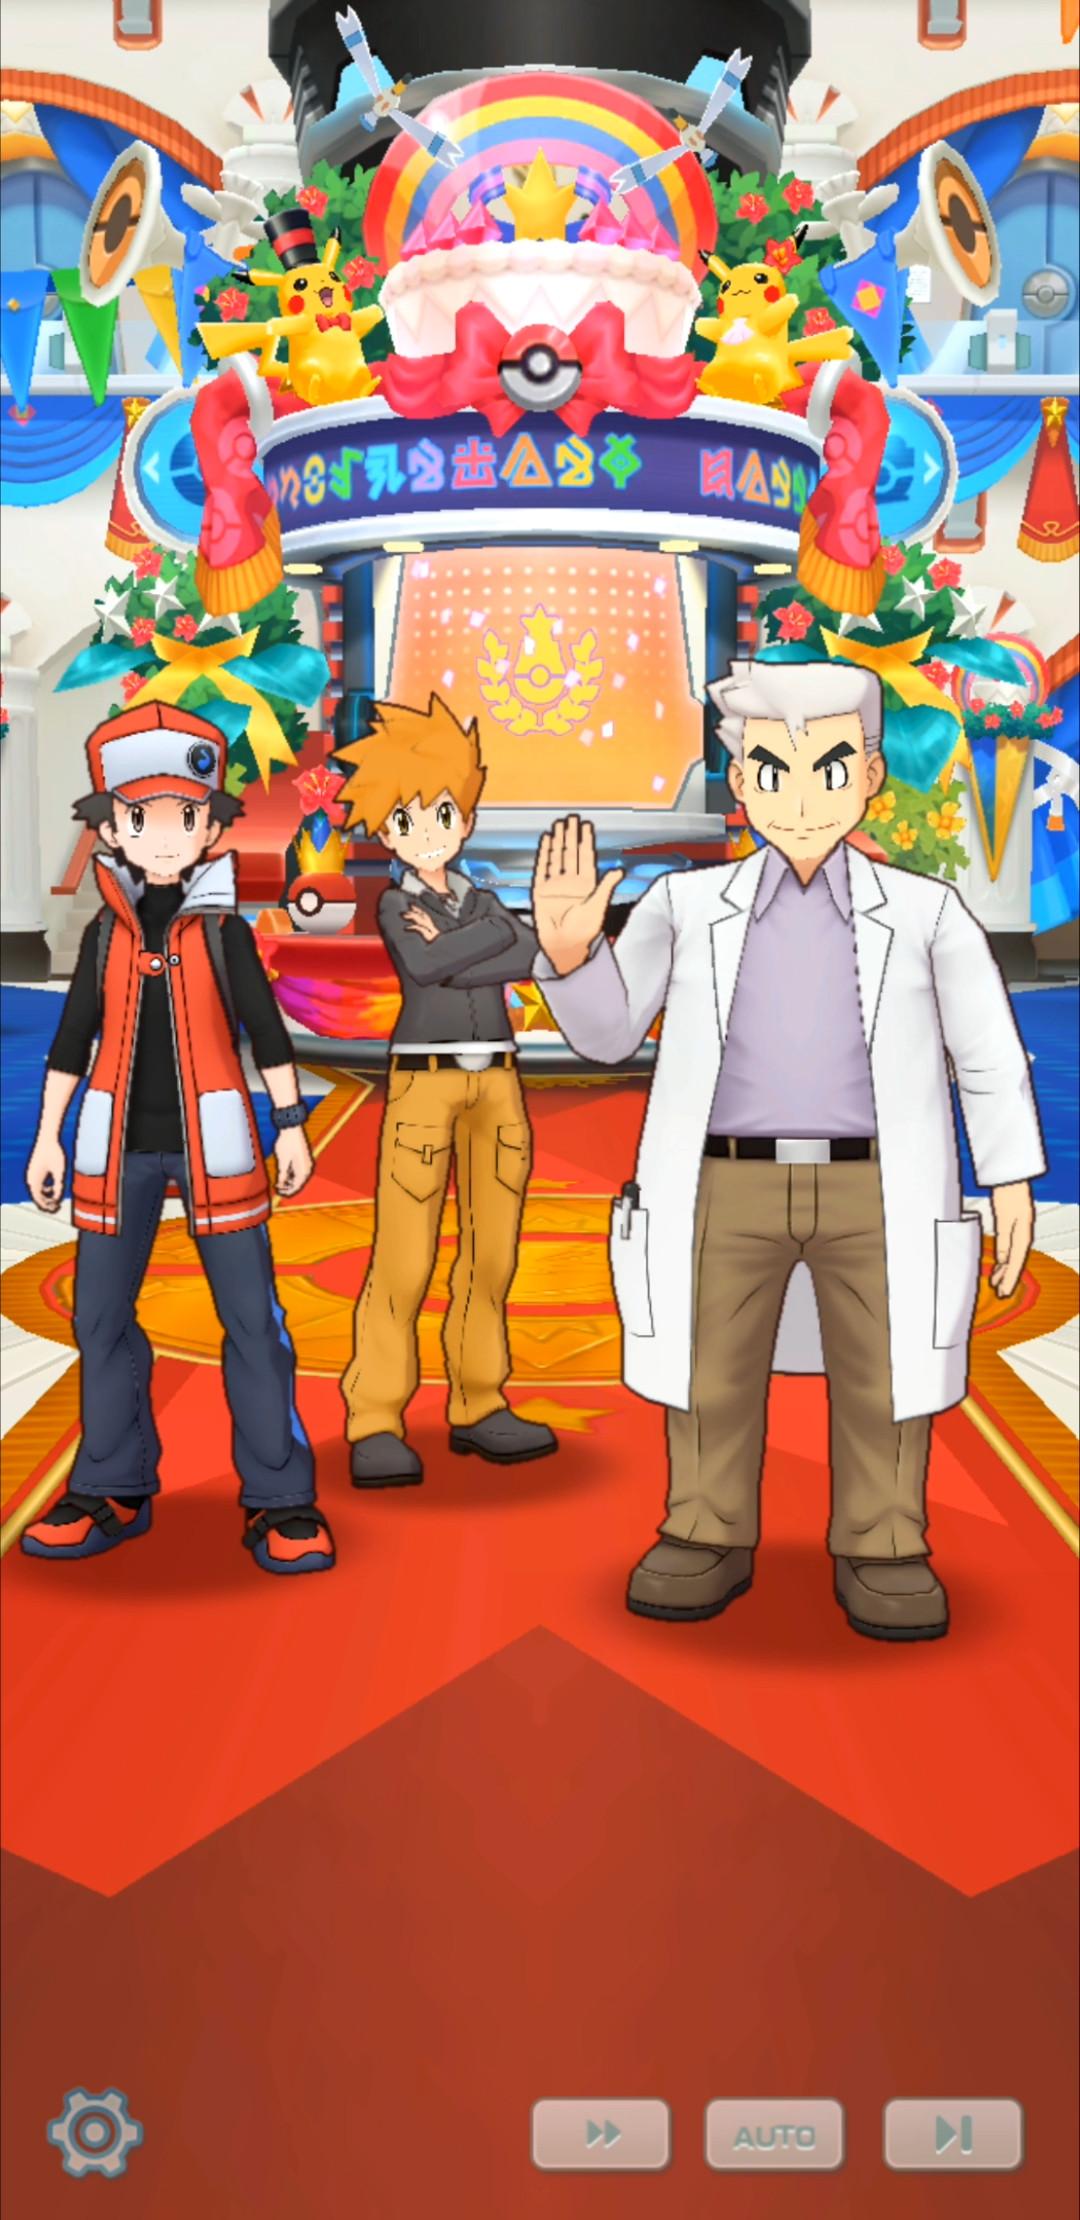 Professor Oak in Pokémon Masters.